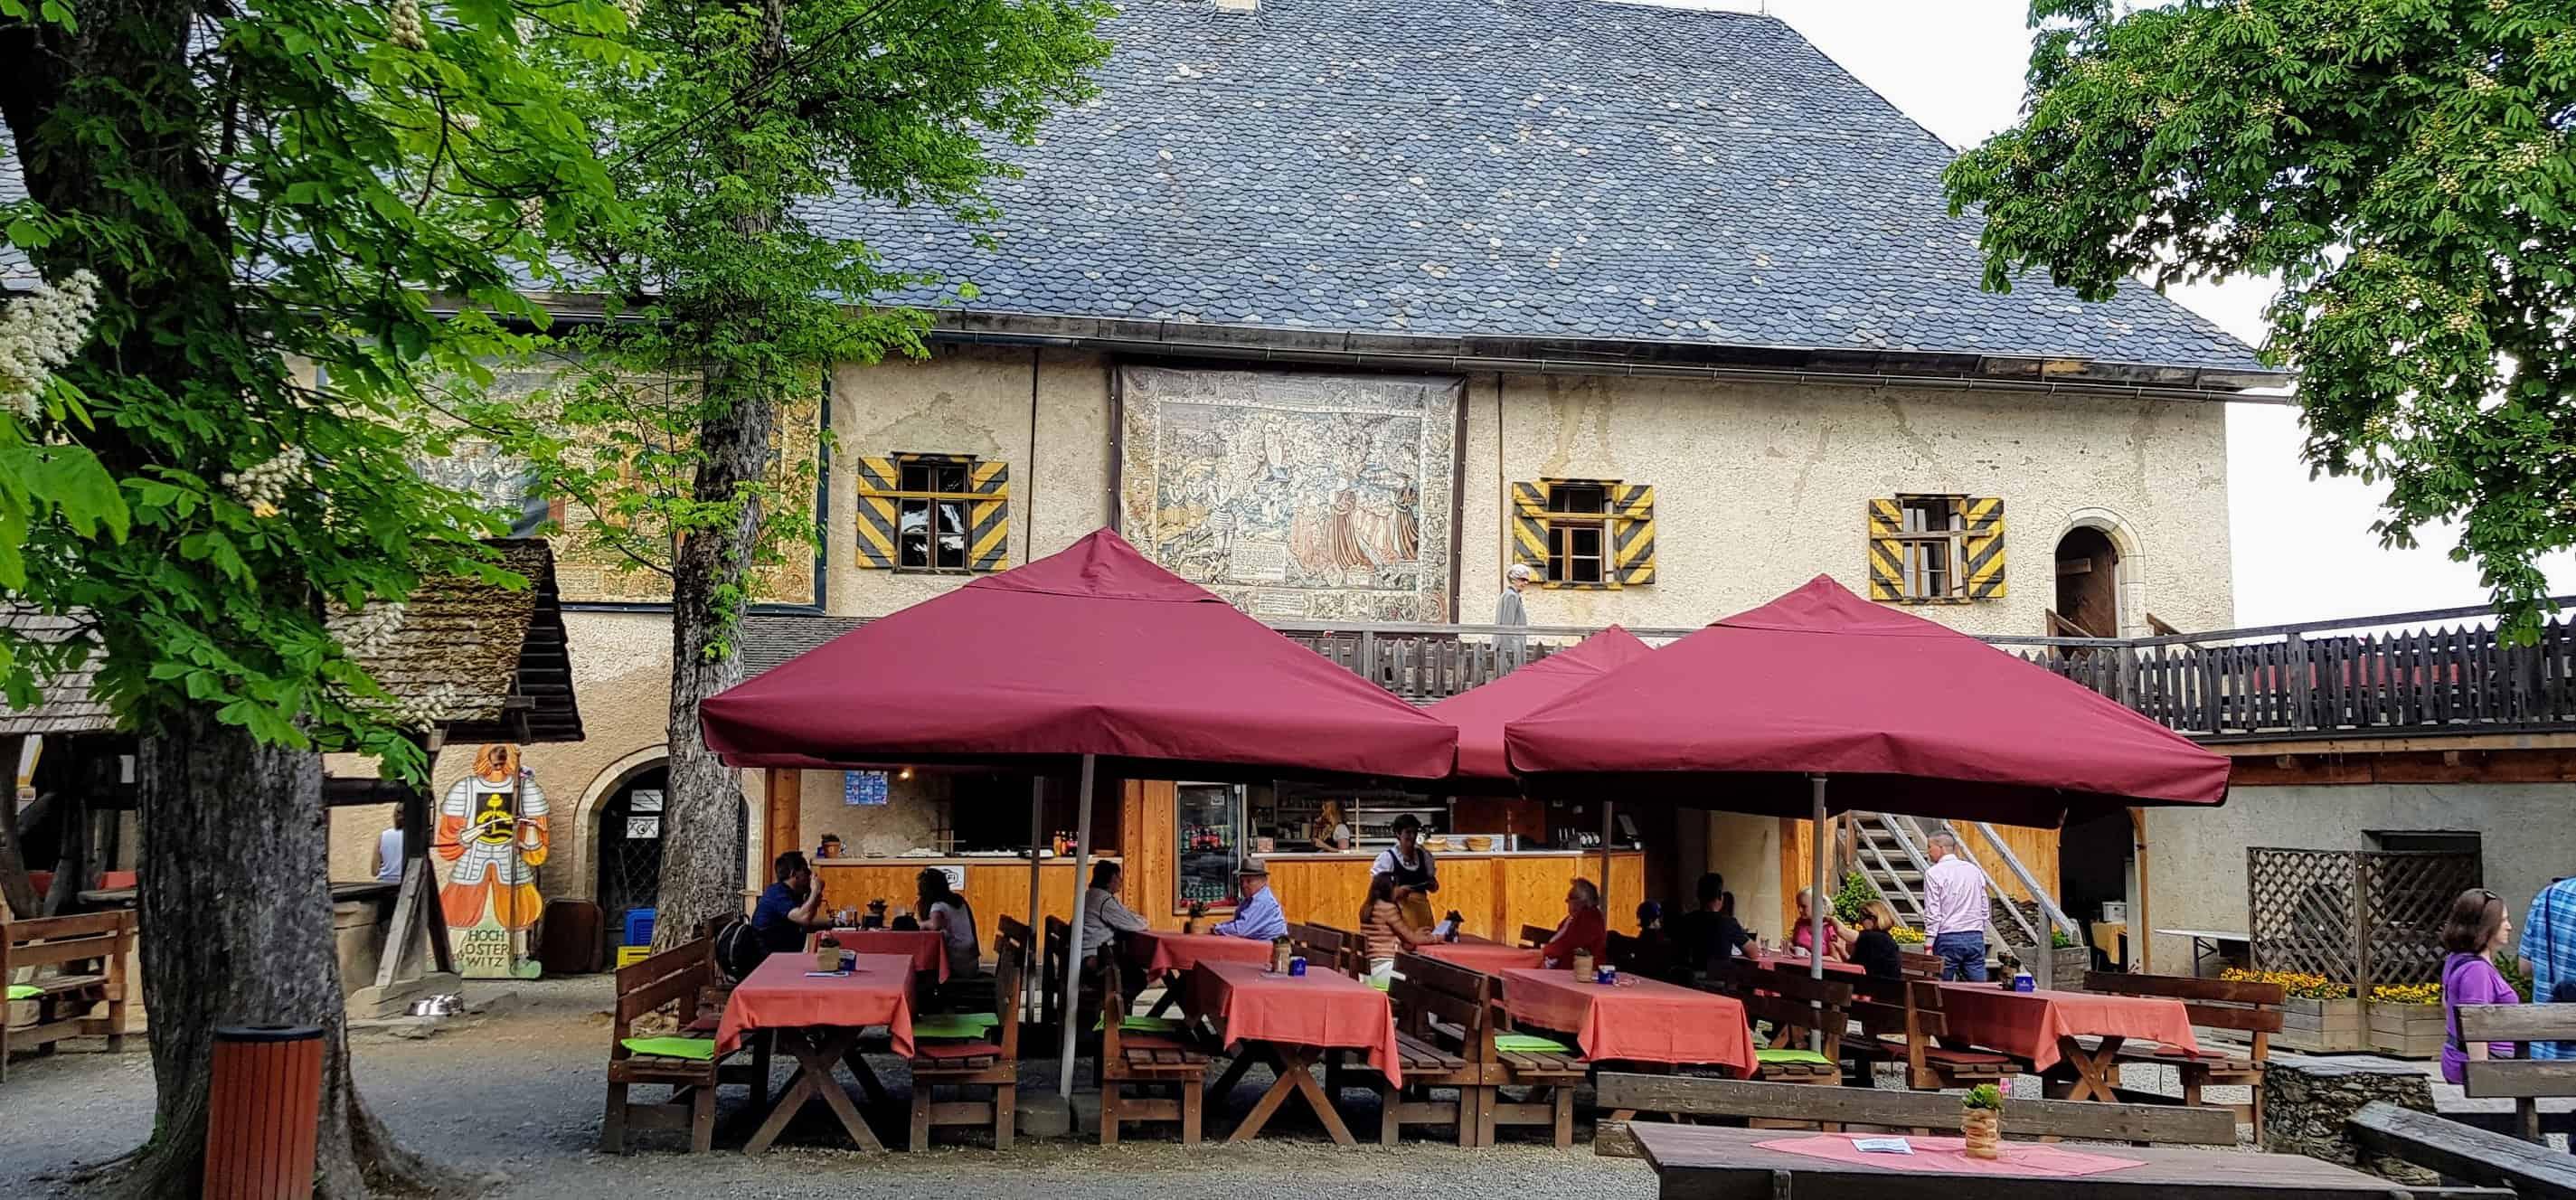 Die Burg Hochosterwitz zählt zu den bekanntesten Burgen in Österreich. Ziel ist der Burghof, wo sich auch das Burgrestaurant befindet.